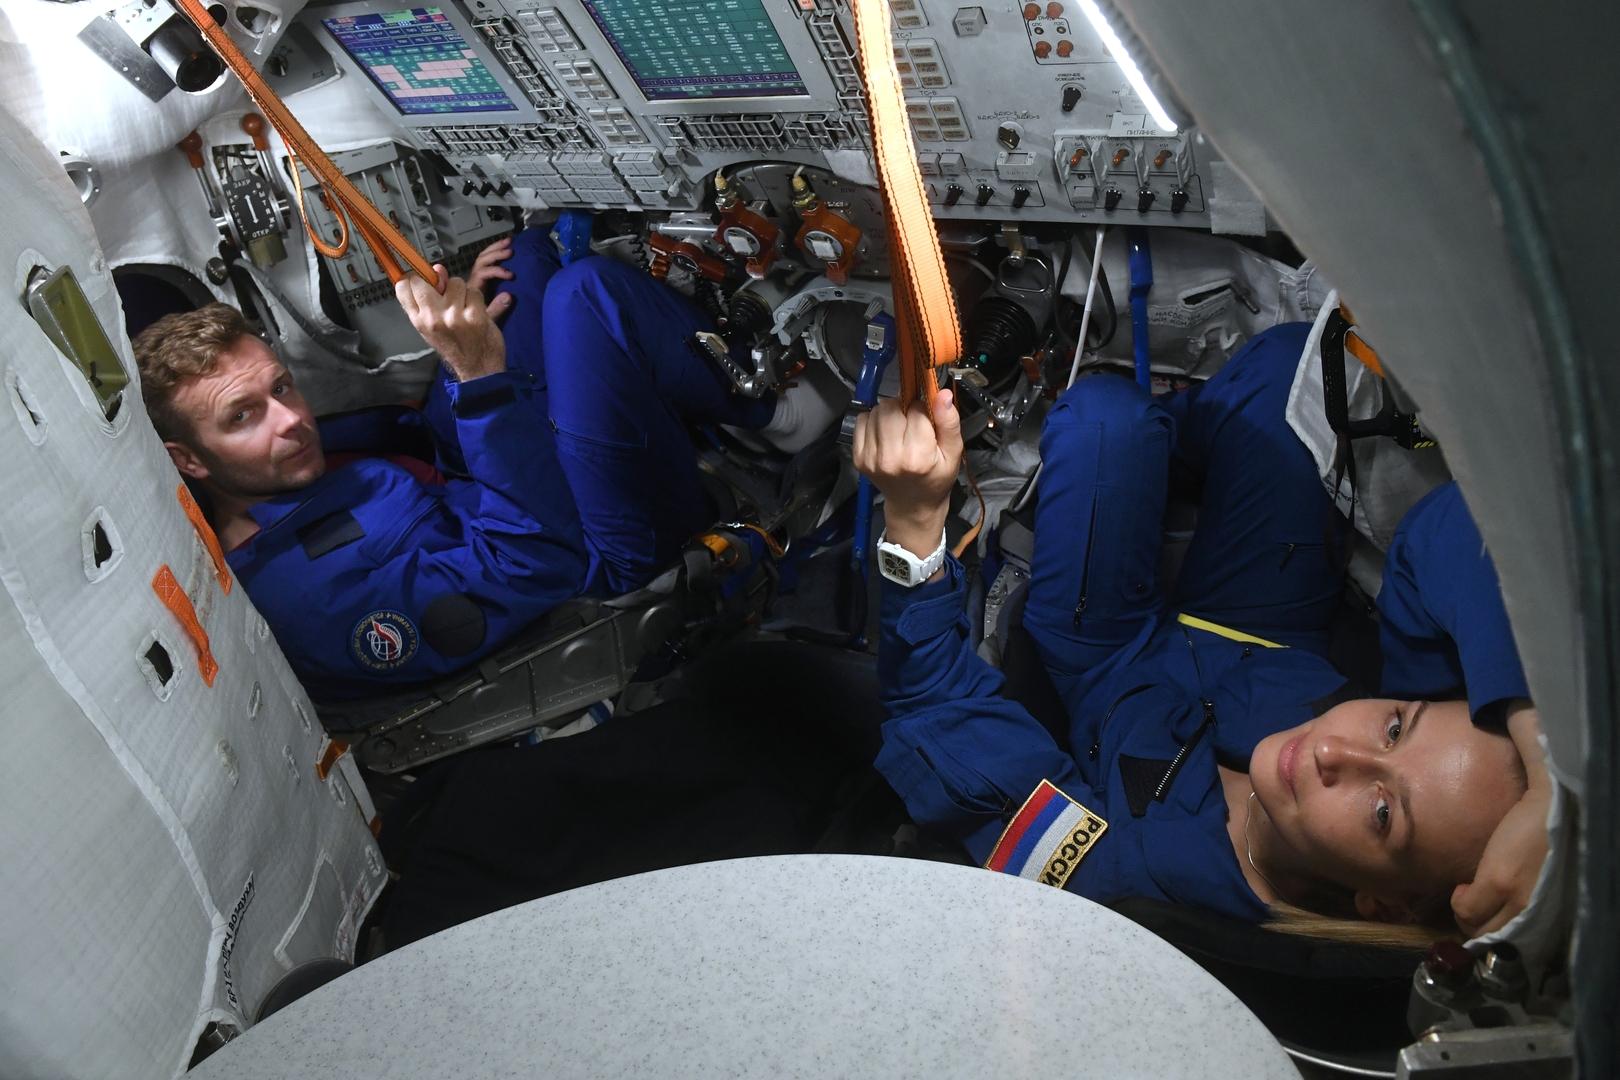 الممثلة يوليا بيريسيلد والمخرج كليم شيبينكو أثناء التحضيرات للرحلة إلى المحطة الفضائية الدولية